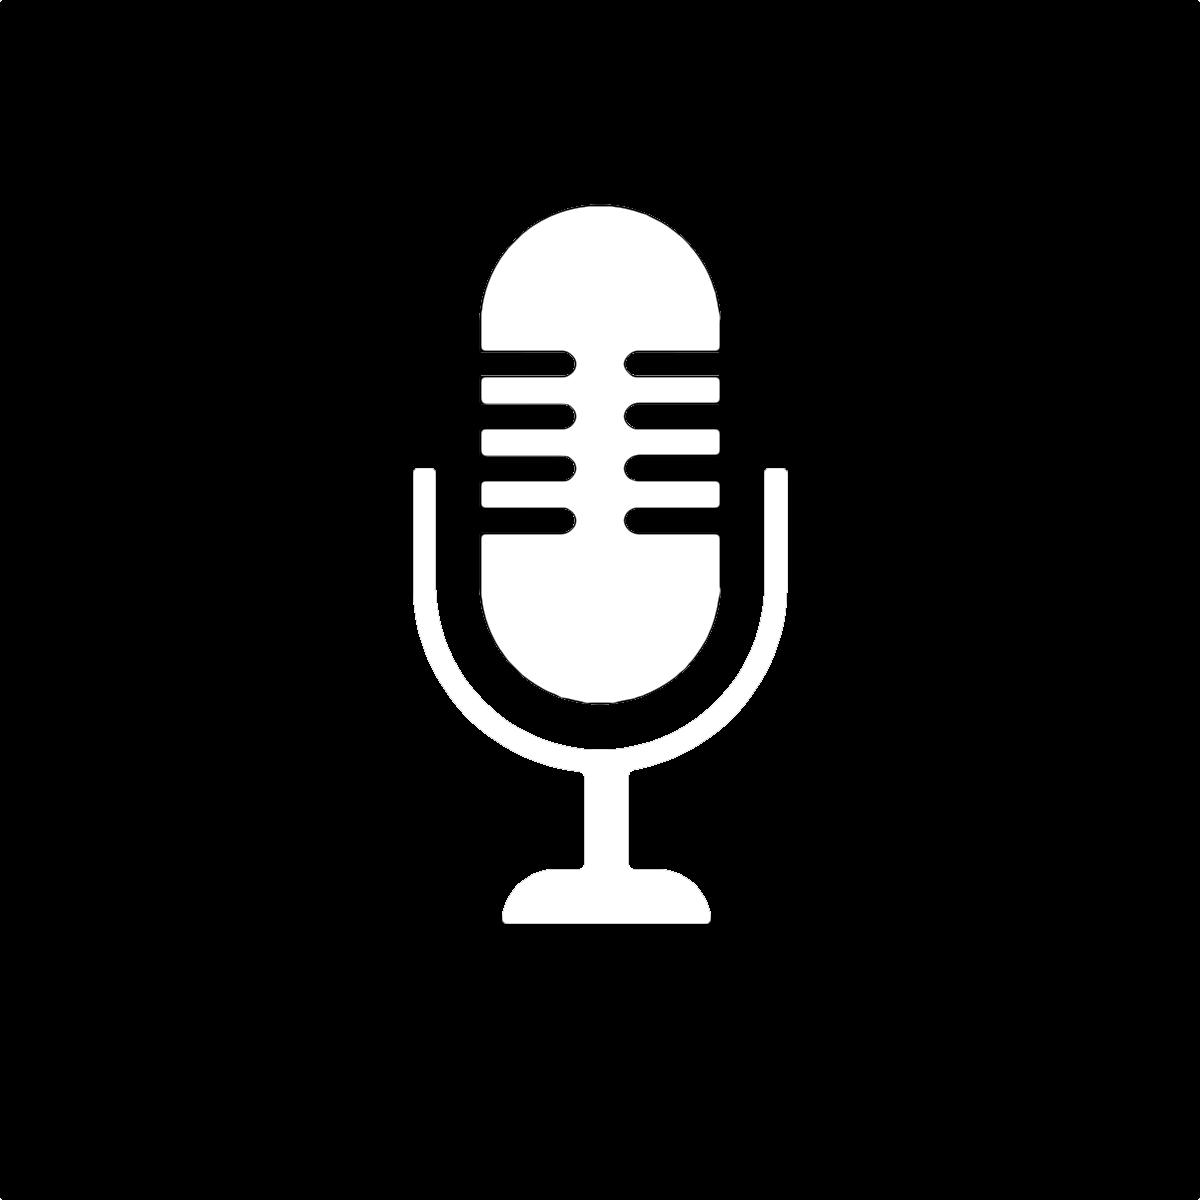 Podcast LucaViscardi.it